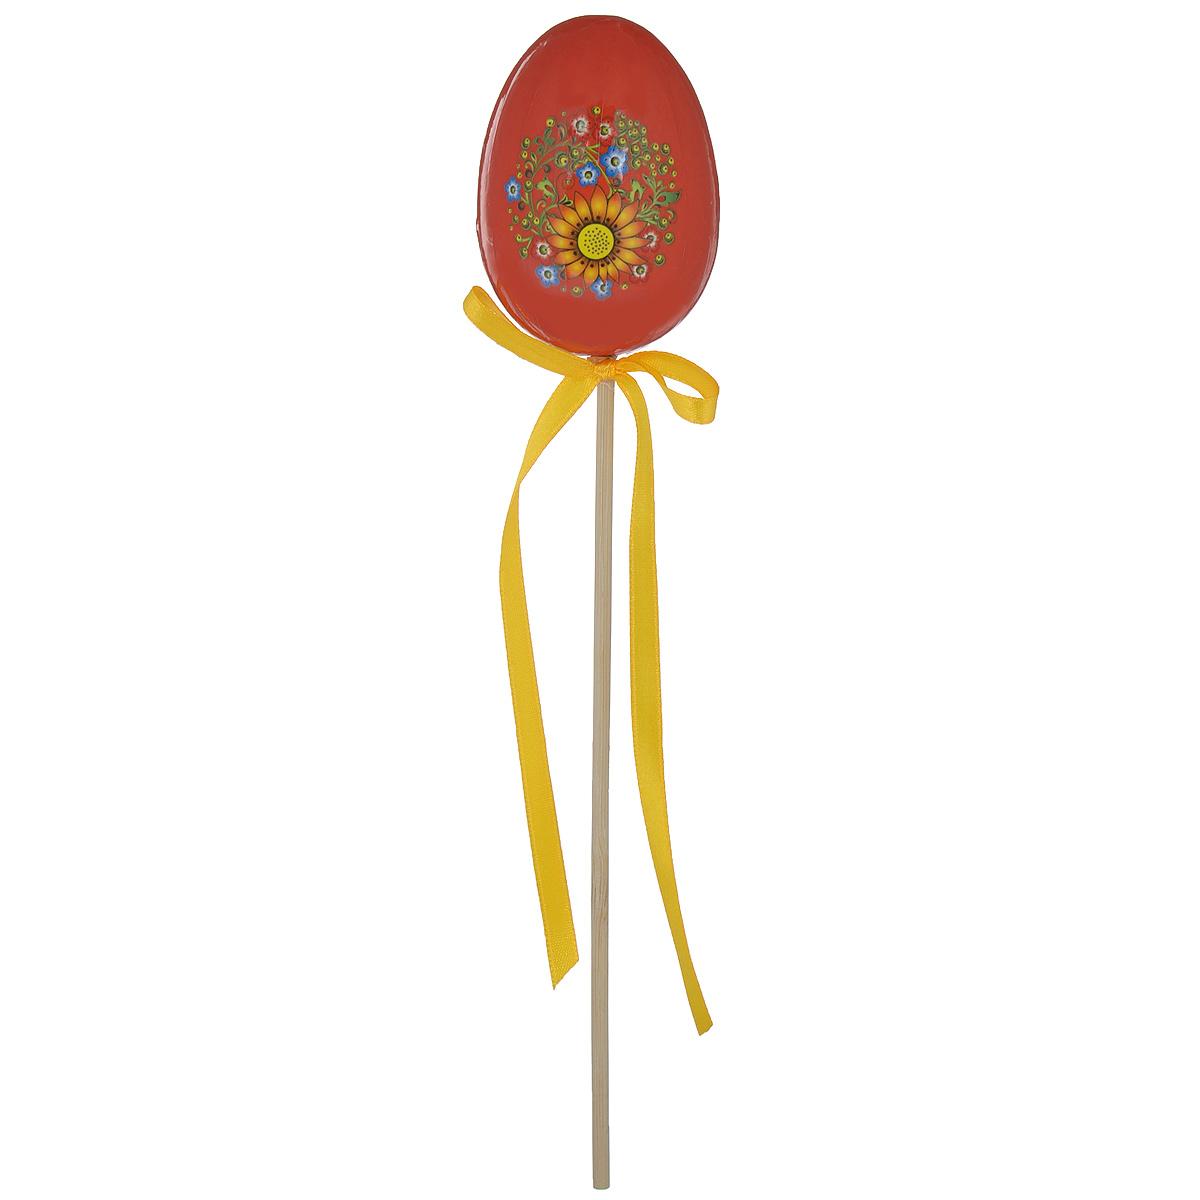 Декоративное украшение на ножке Home Queen Яйцо, цвет: красный, высота 25 см09840-20.000.00Декоративное украшение Home Queen Яйцо выполнено из пенопласта, ламинированной бумаги в виде пасхального яйца на деревянной ножке, декорированного цветочным рисунком. Изделие украшено текстильной лентой. Такое украшение прекрасно дополнит подарок для друзей или близких. Высота: 25 см. Размер яйца: 7 см х 5 см.Материал: пенопласт, ламинированная бумага.